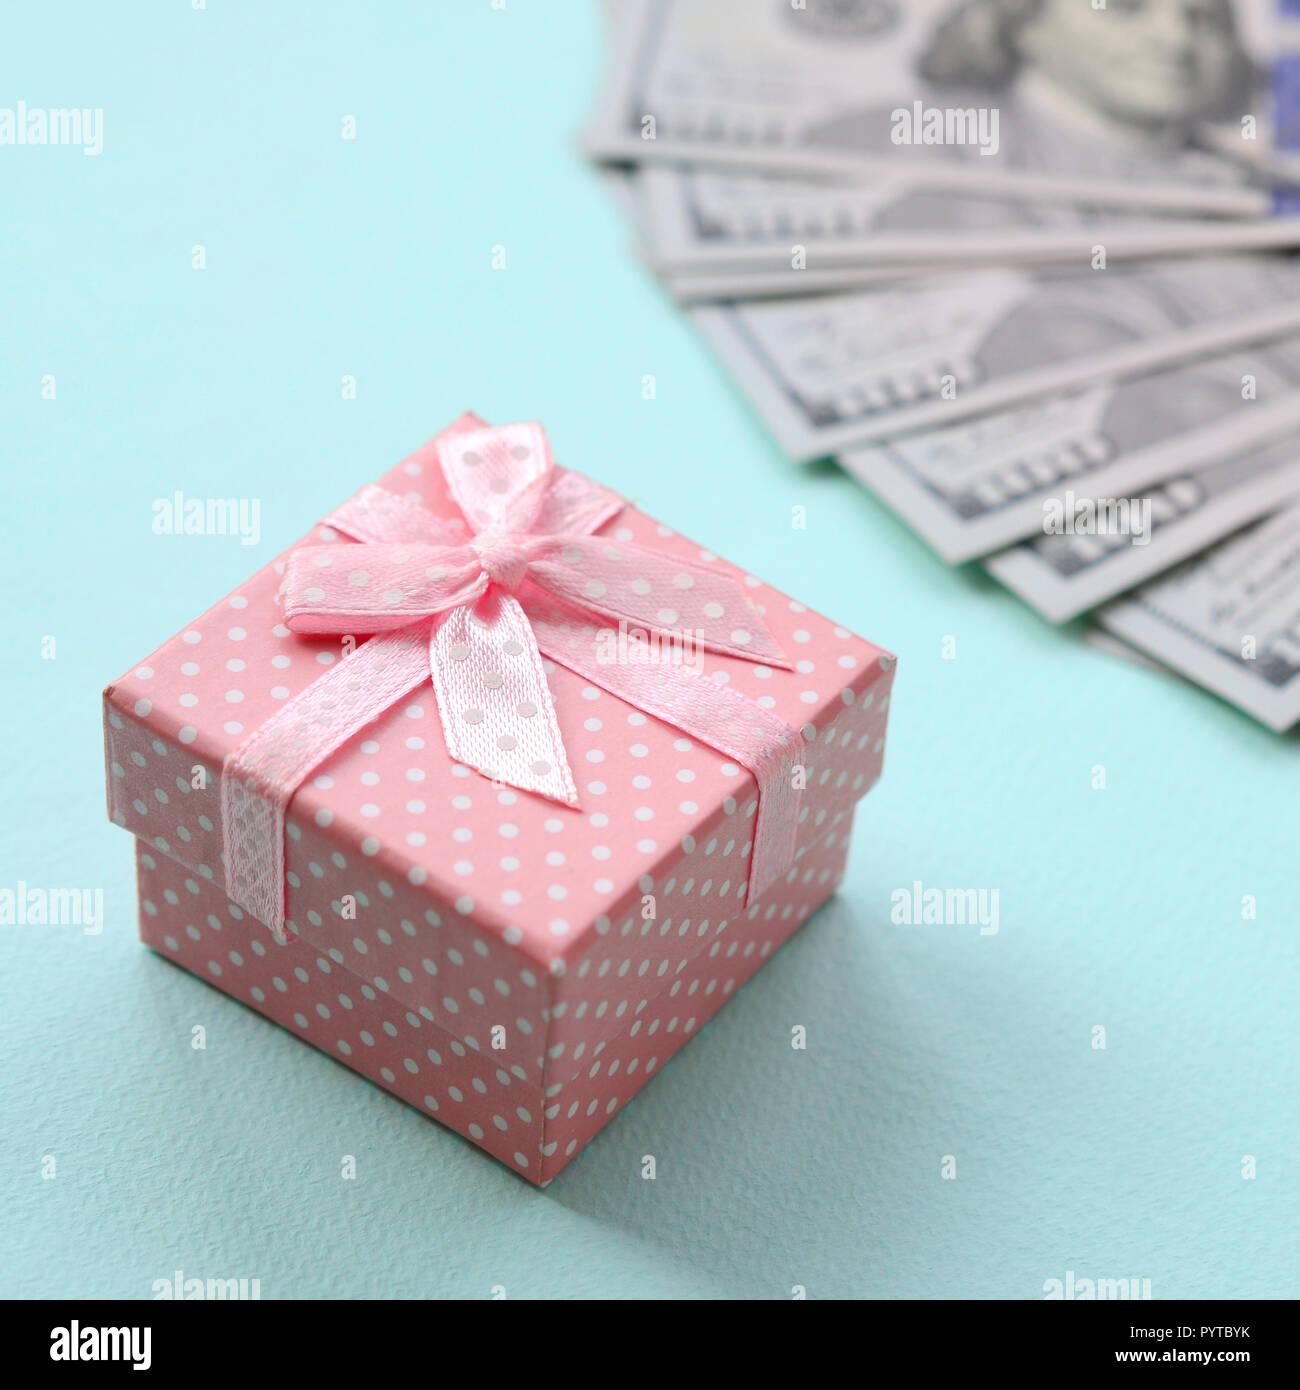 pink dotted gift box lies near hundred dollar bills on a light blue